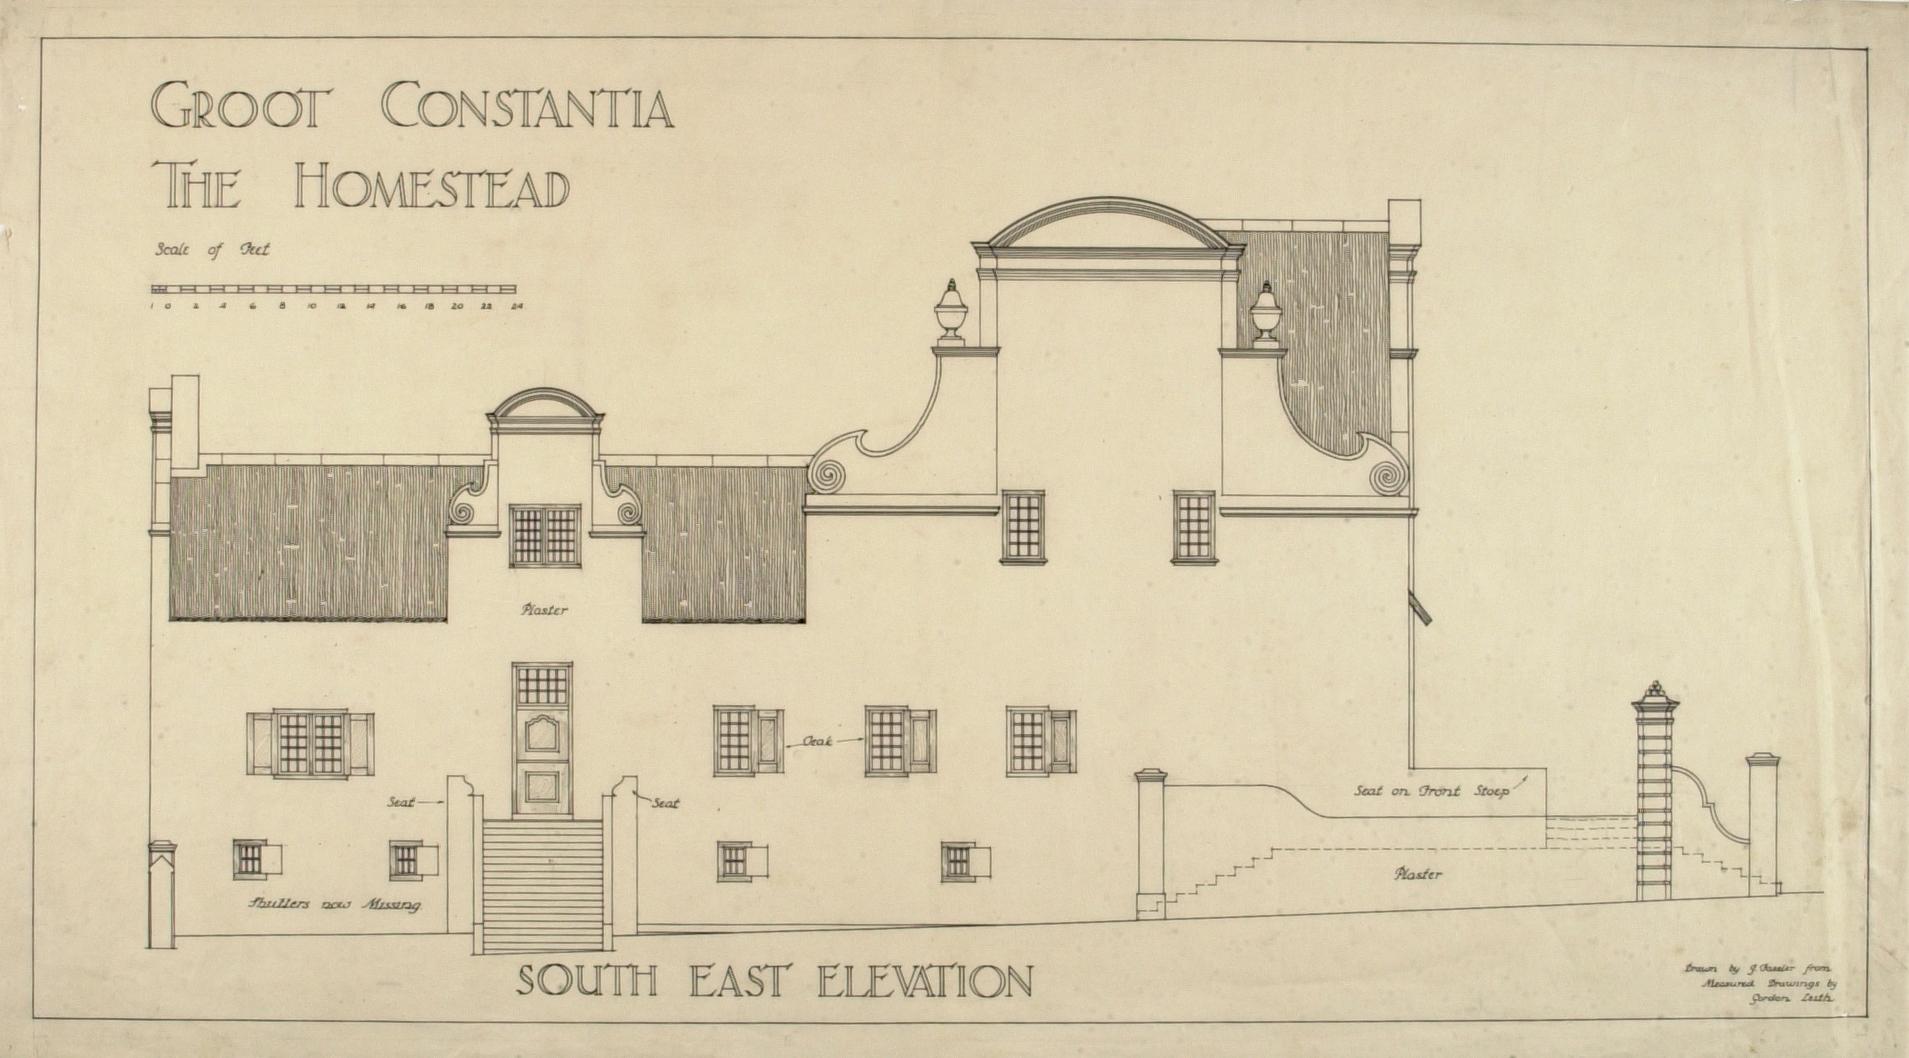 Groot Constantia The Homestead